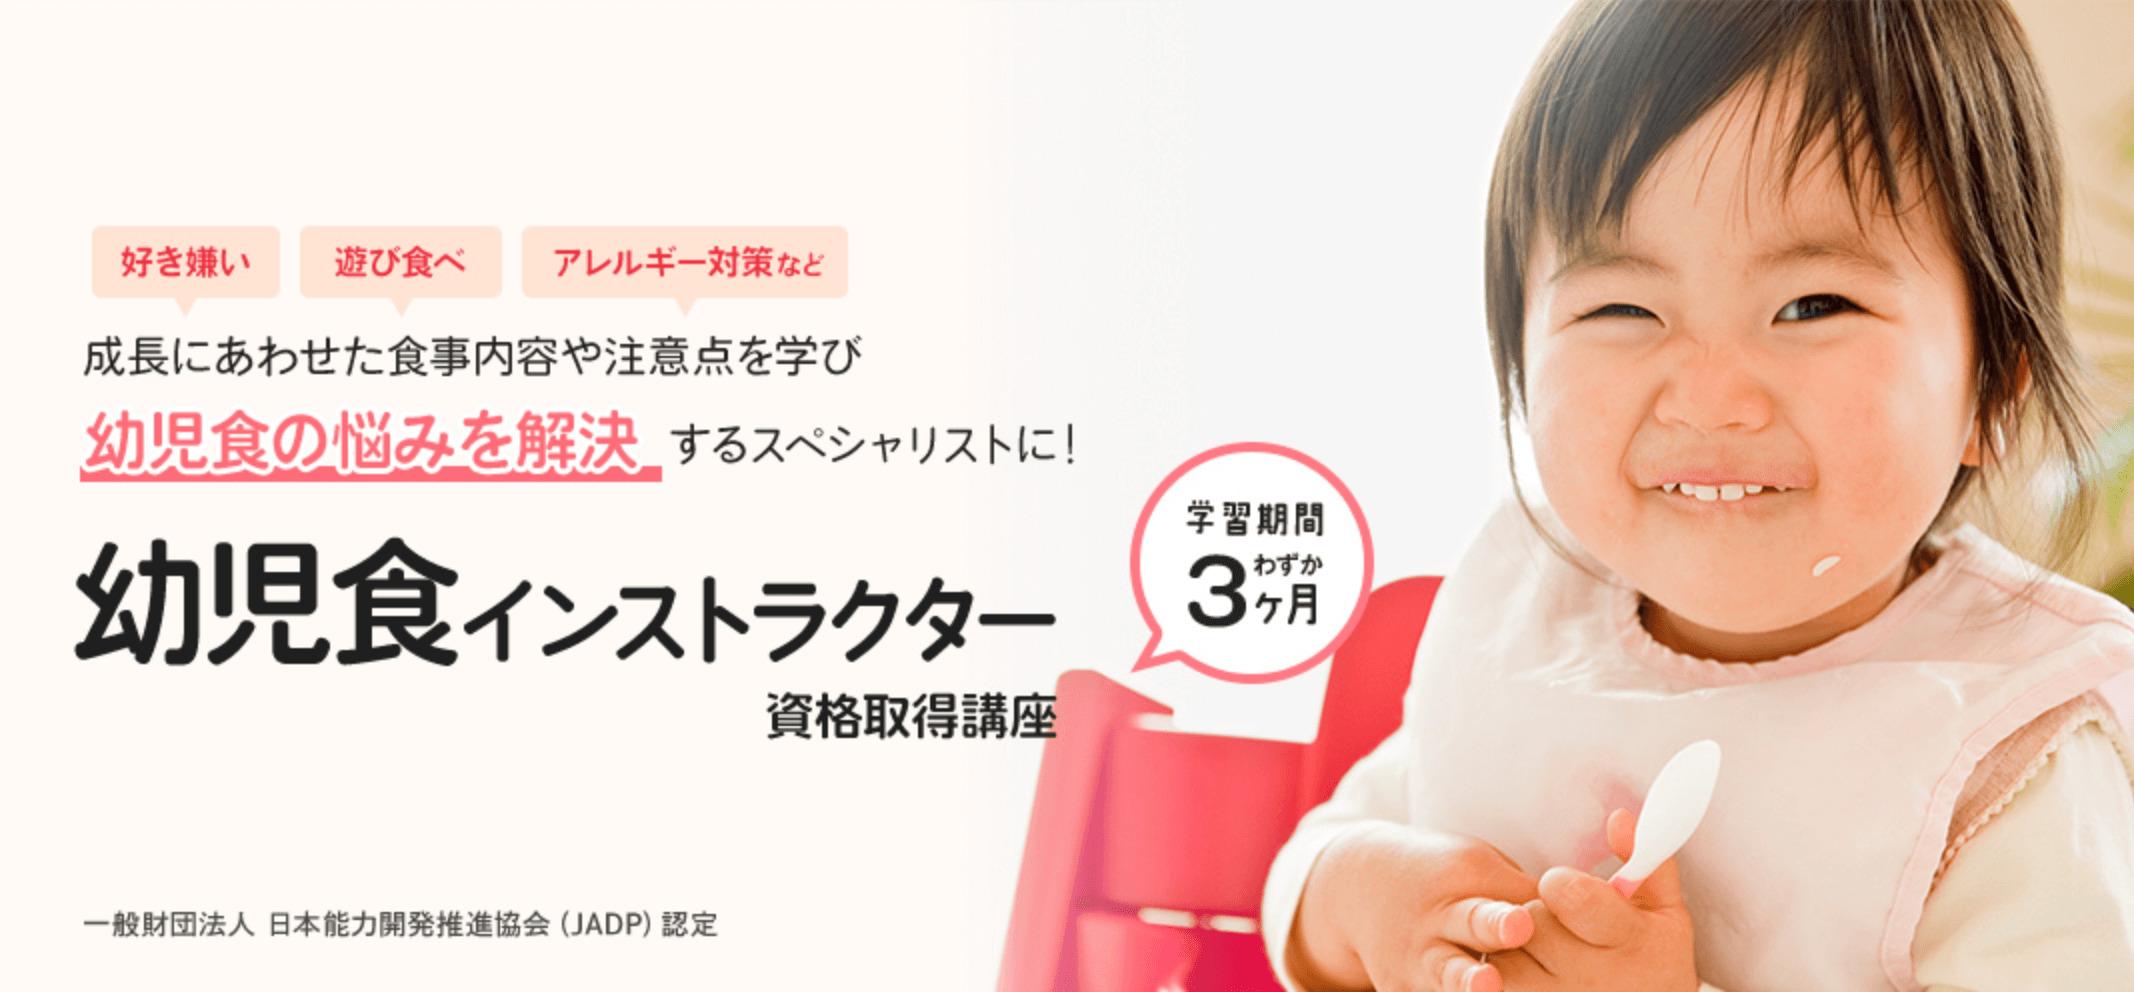 キャリカレの幼児食インストラクター資格取得講座